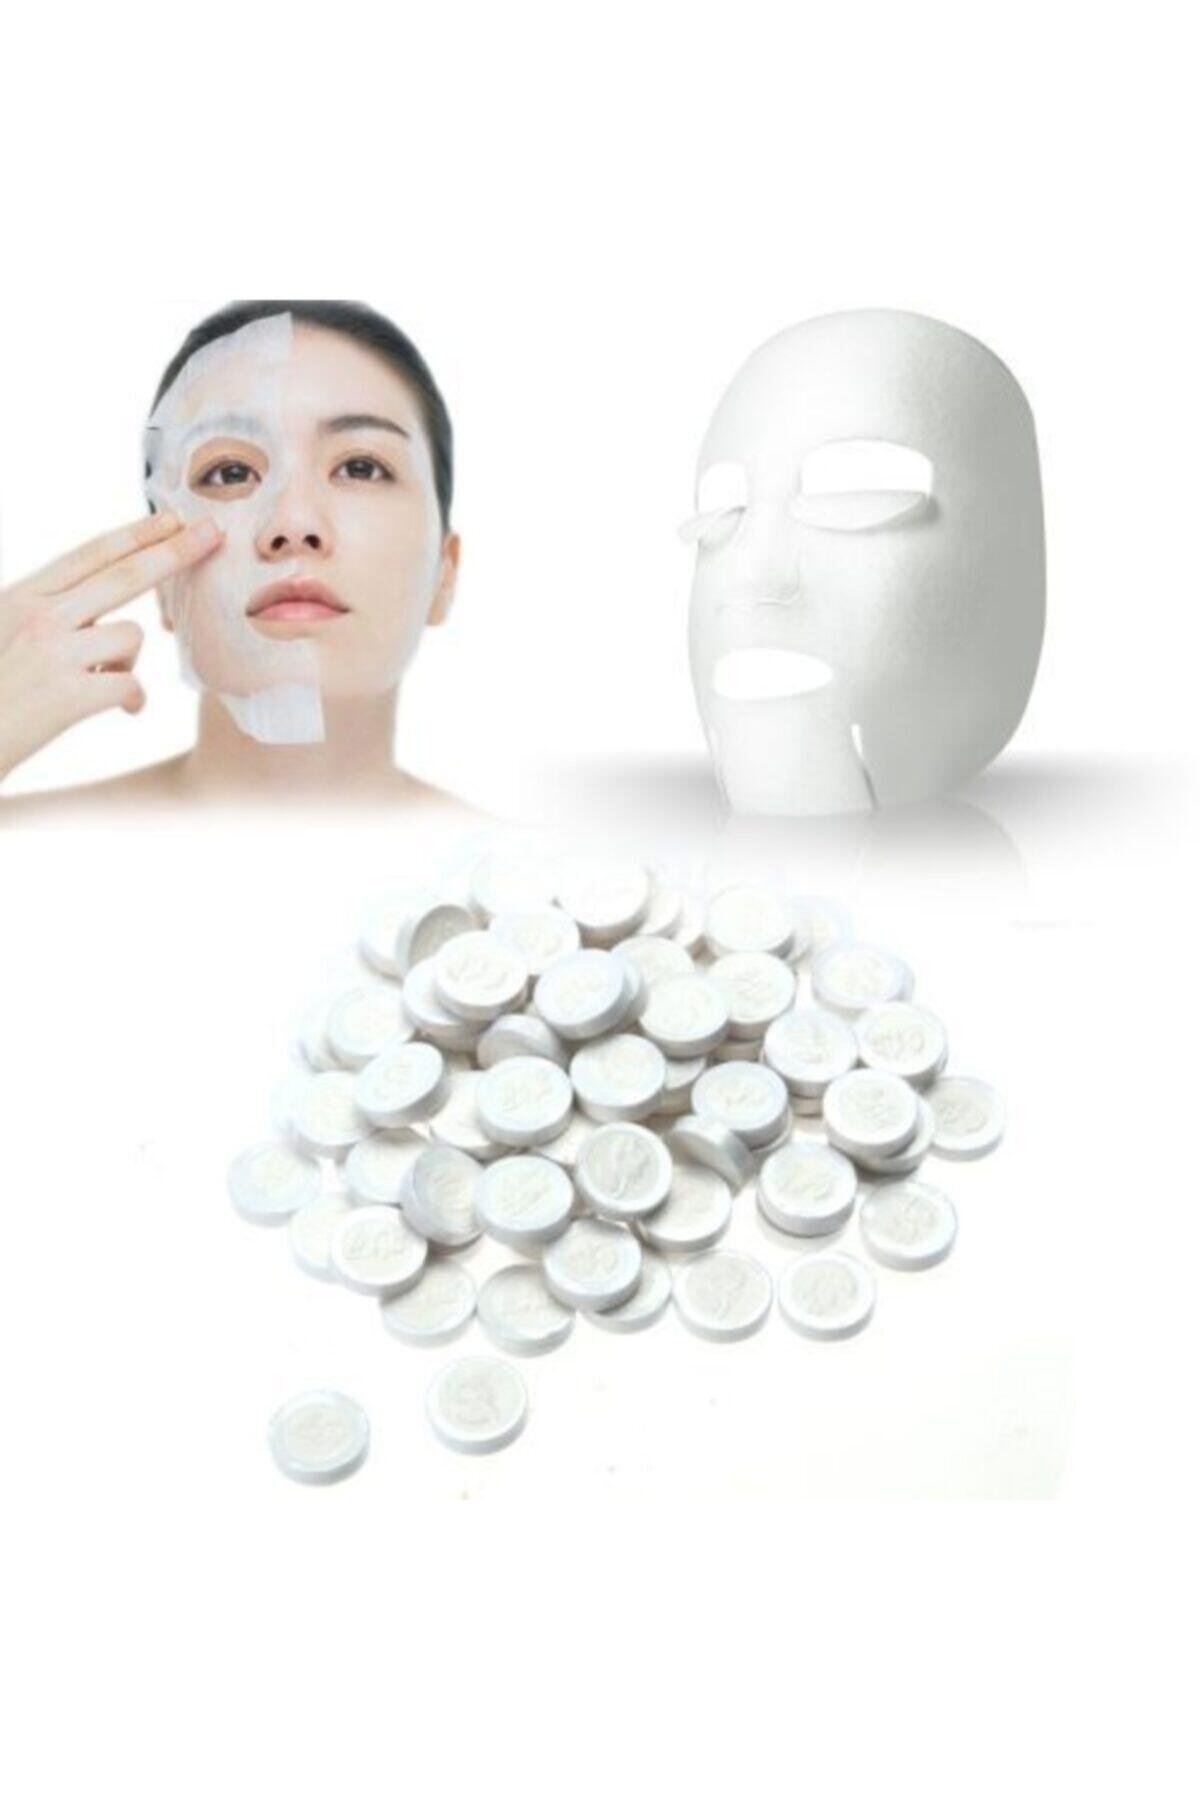 50 Adet Sıkıştırılmış Kağıt Yüz Maskesi